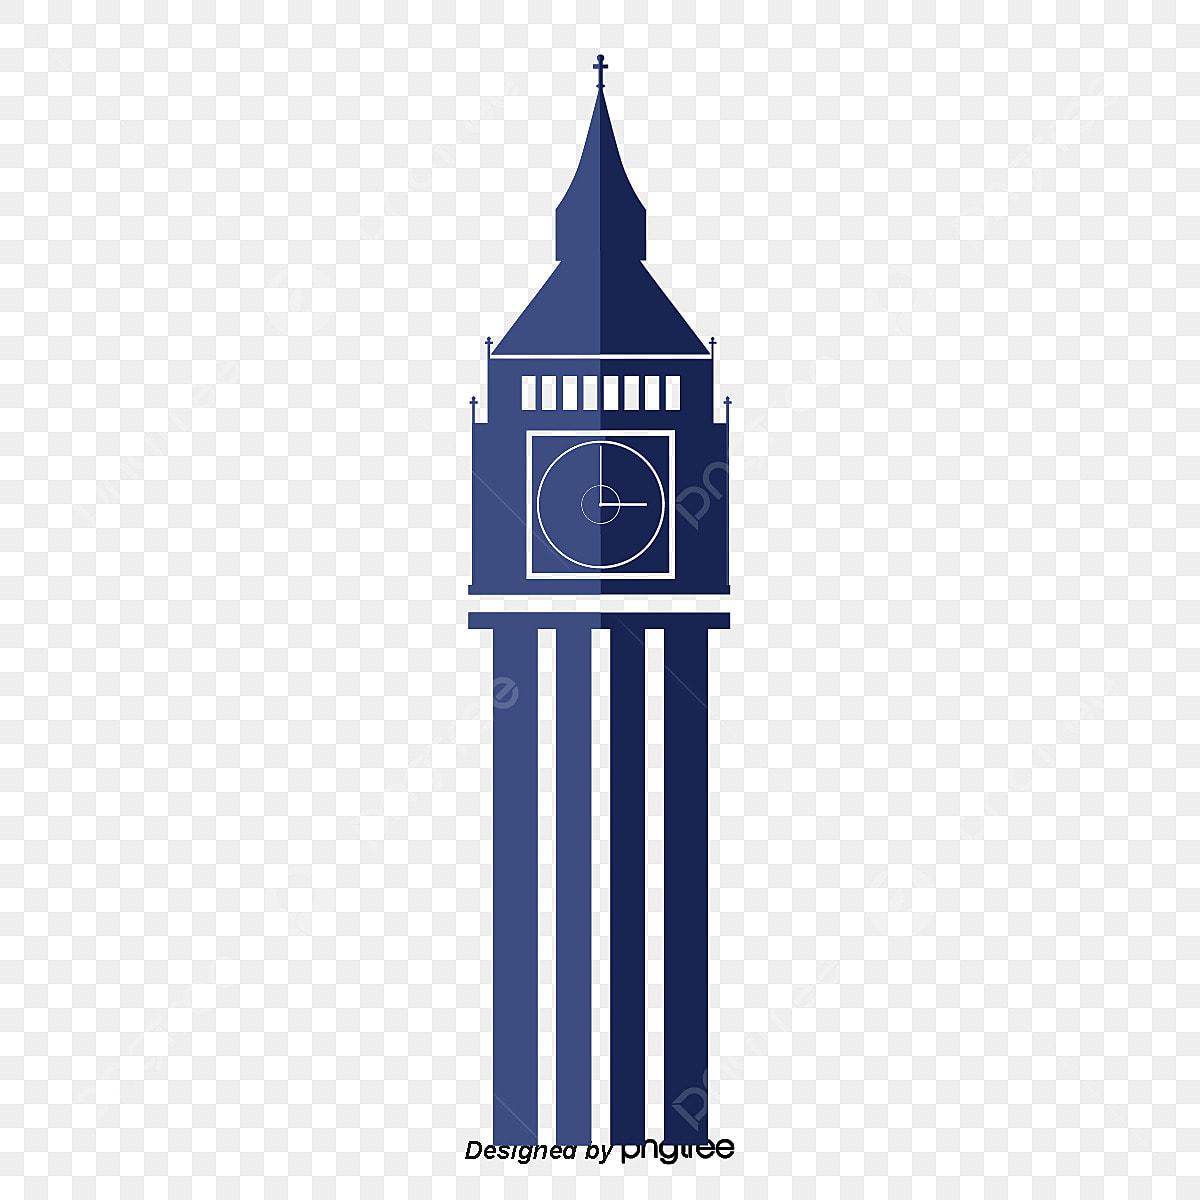 Dibujos Animados Torres Azules Relojes Imágenes Prediseñadas De La Torre Elemento Dibujos Animados Png Y Vector Para Descargar Gratis Pngtree